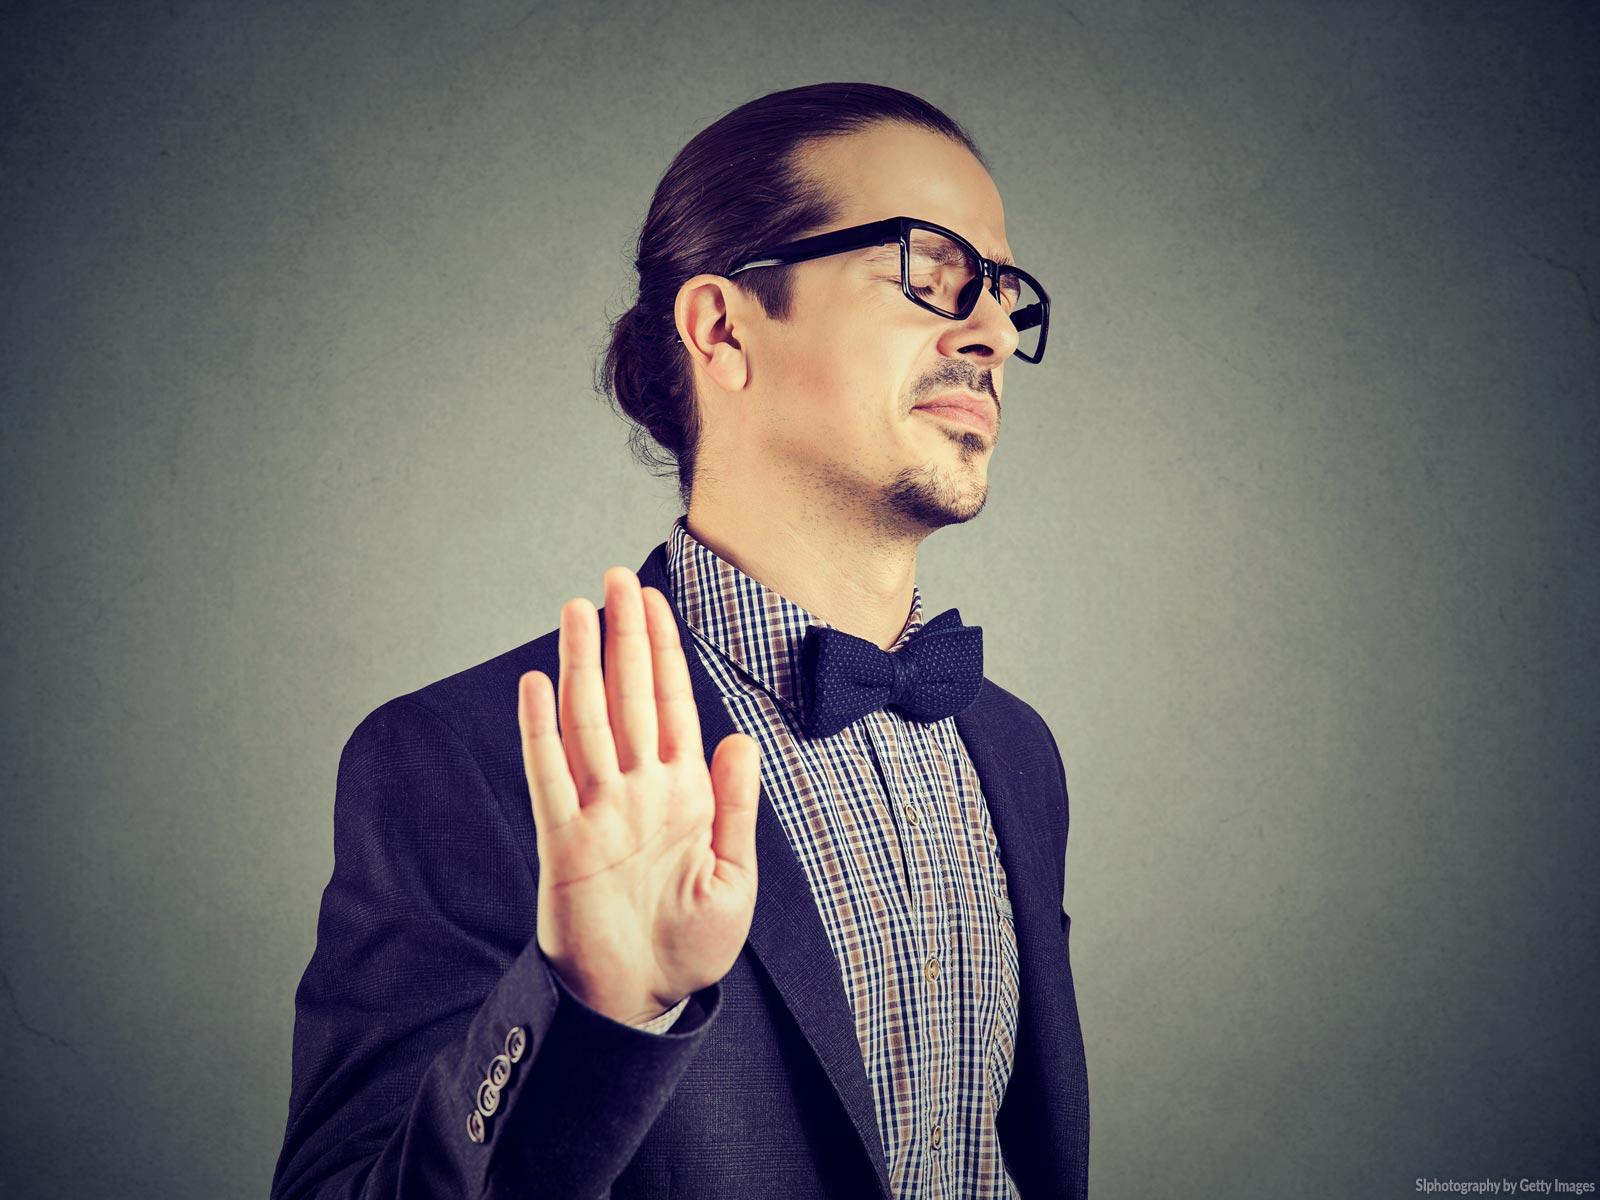 Como identificar se sou uma pessoa narcisista?